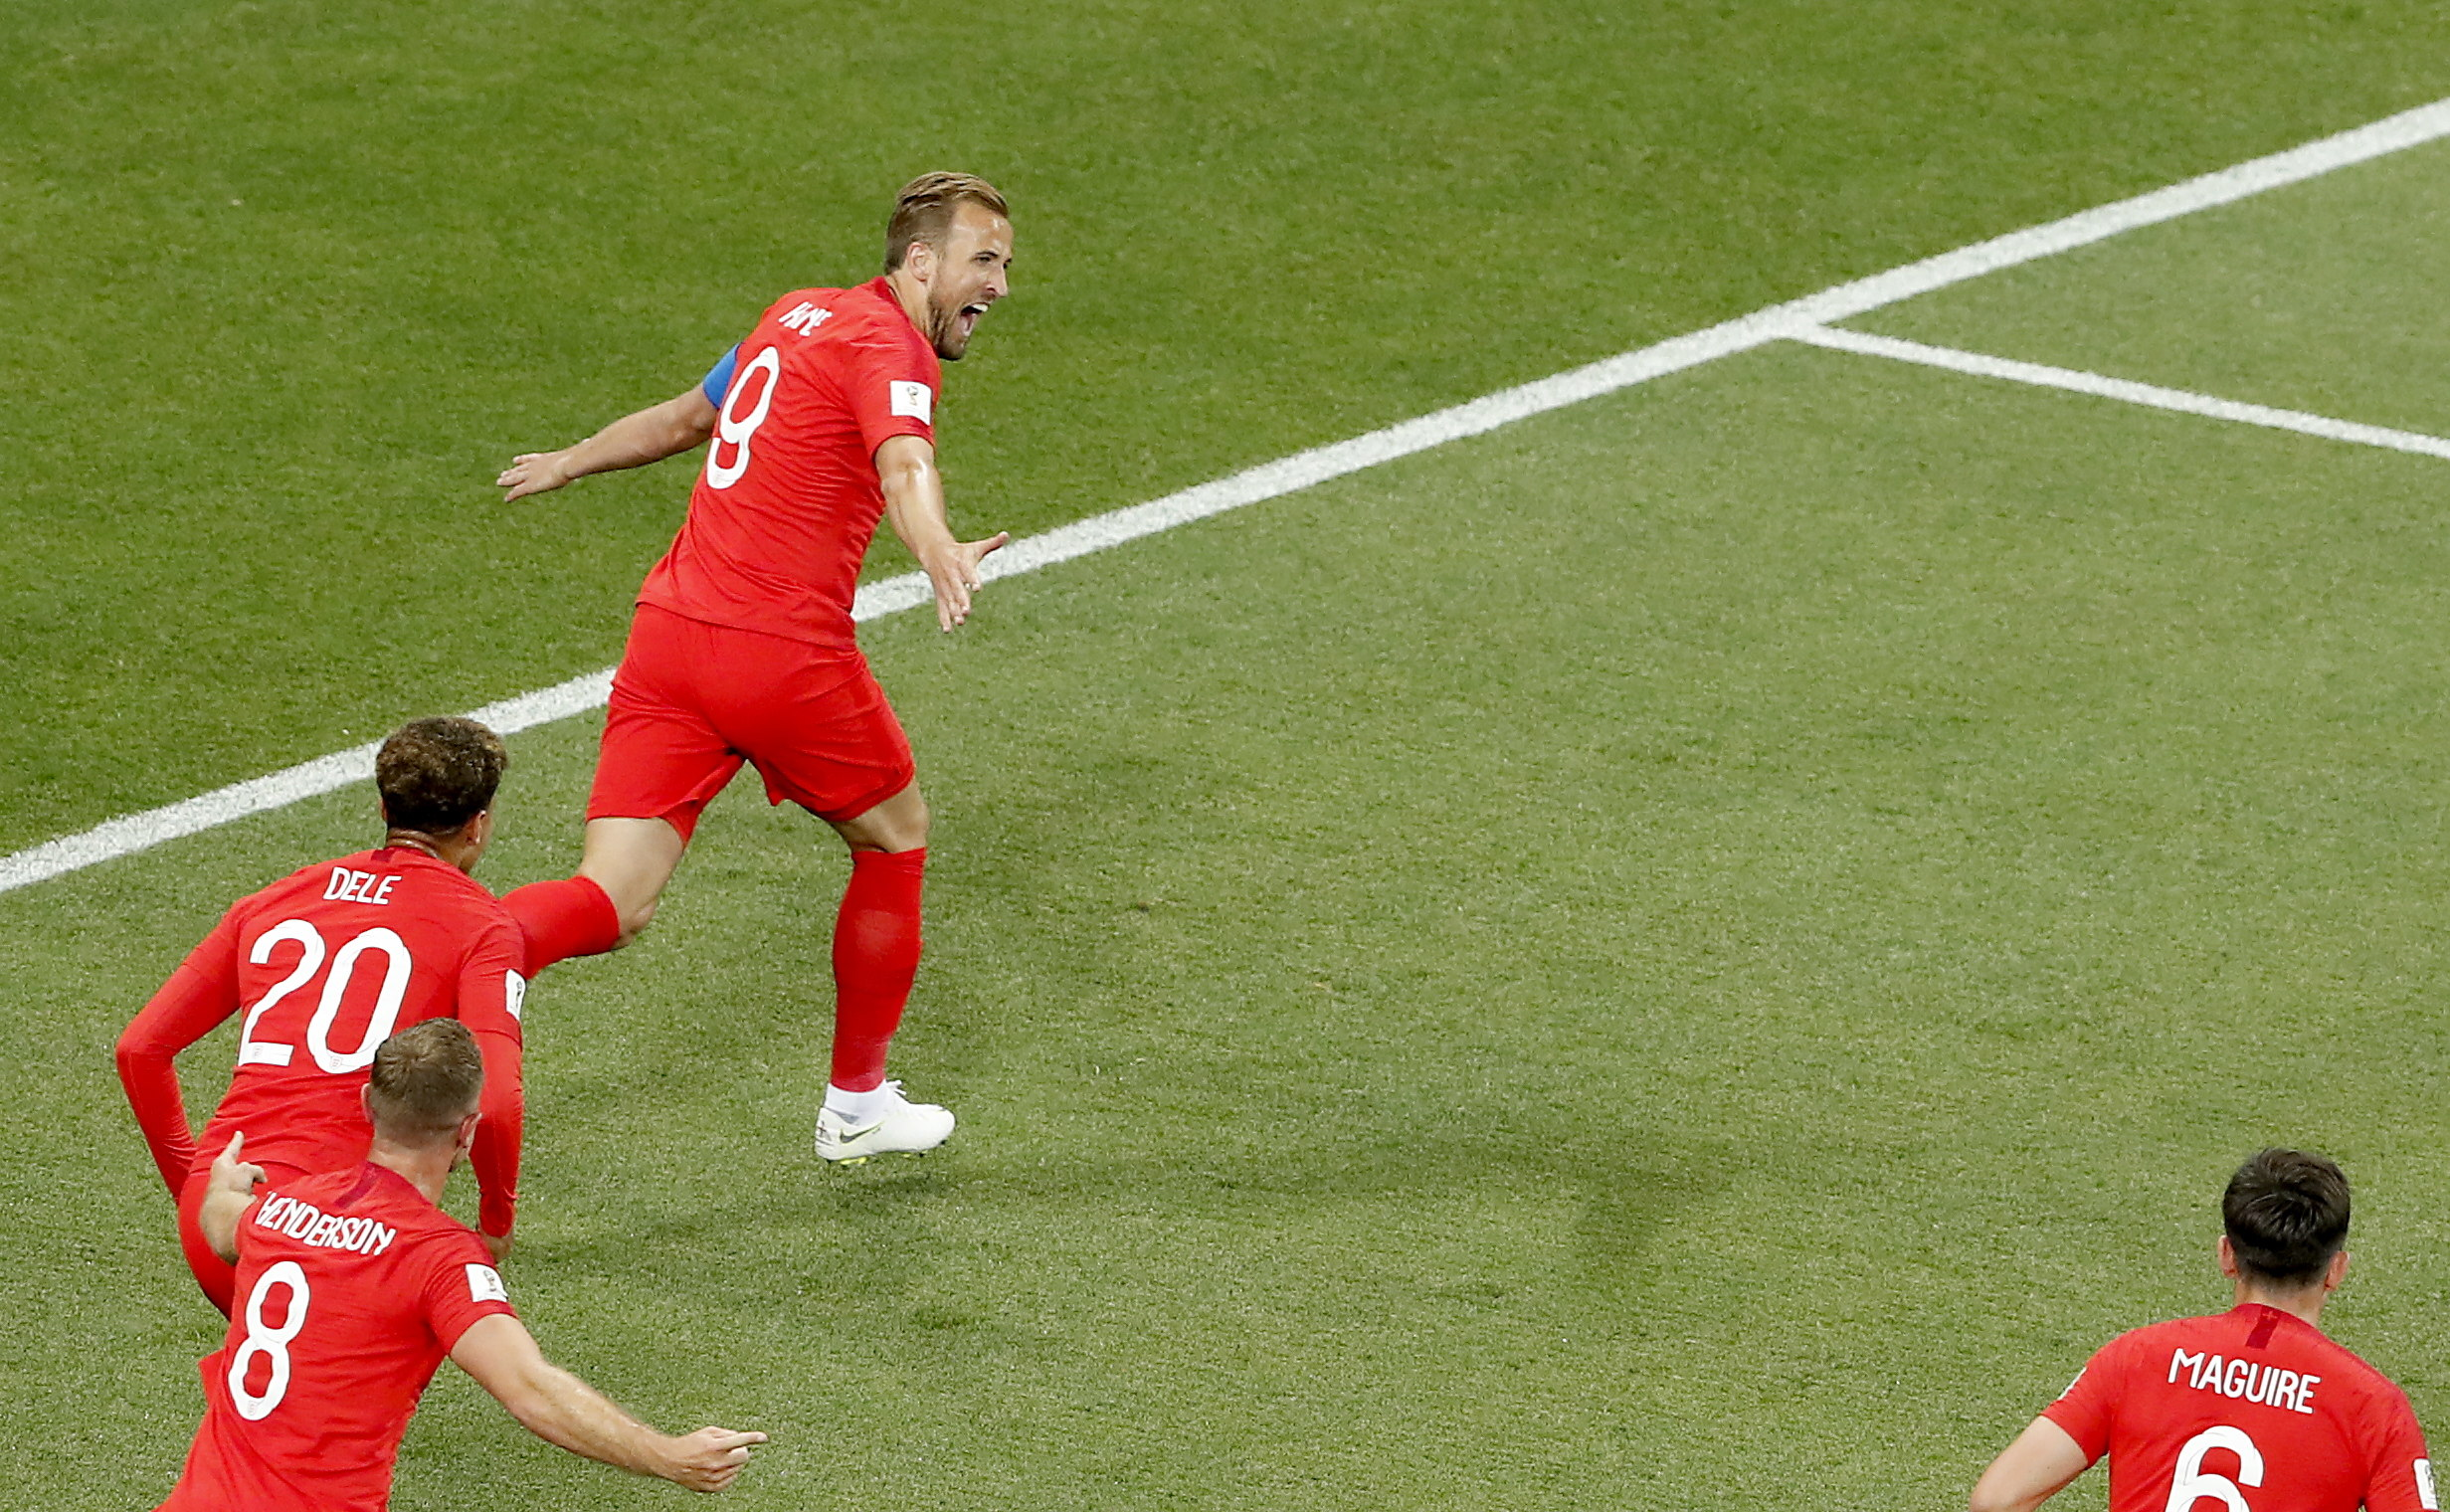 En Vivo | Con gol de Harry Kane, Inglaterra vence 1-0 a Túnez por el grupo G de Rusia 2018